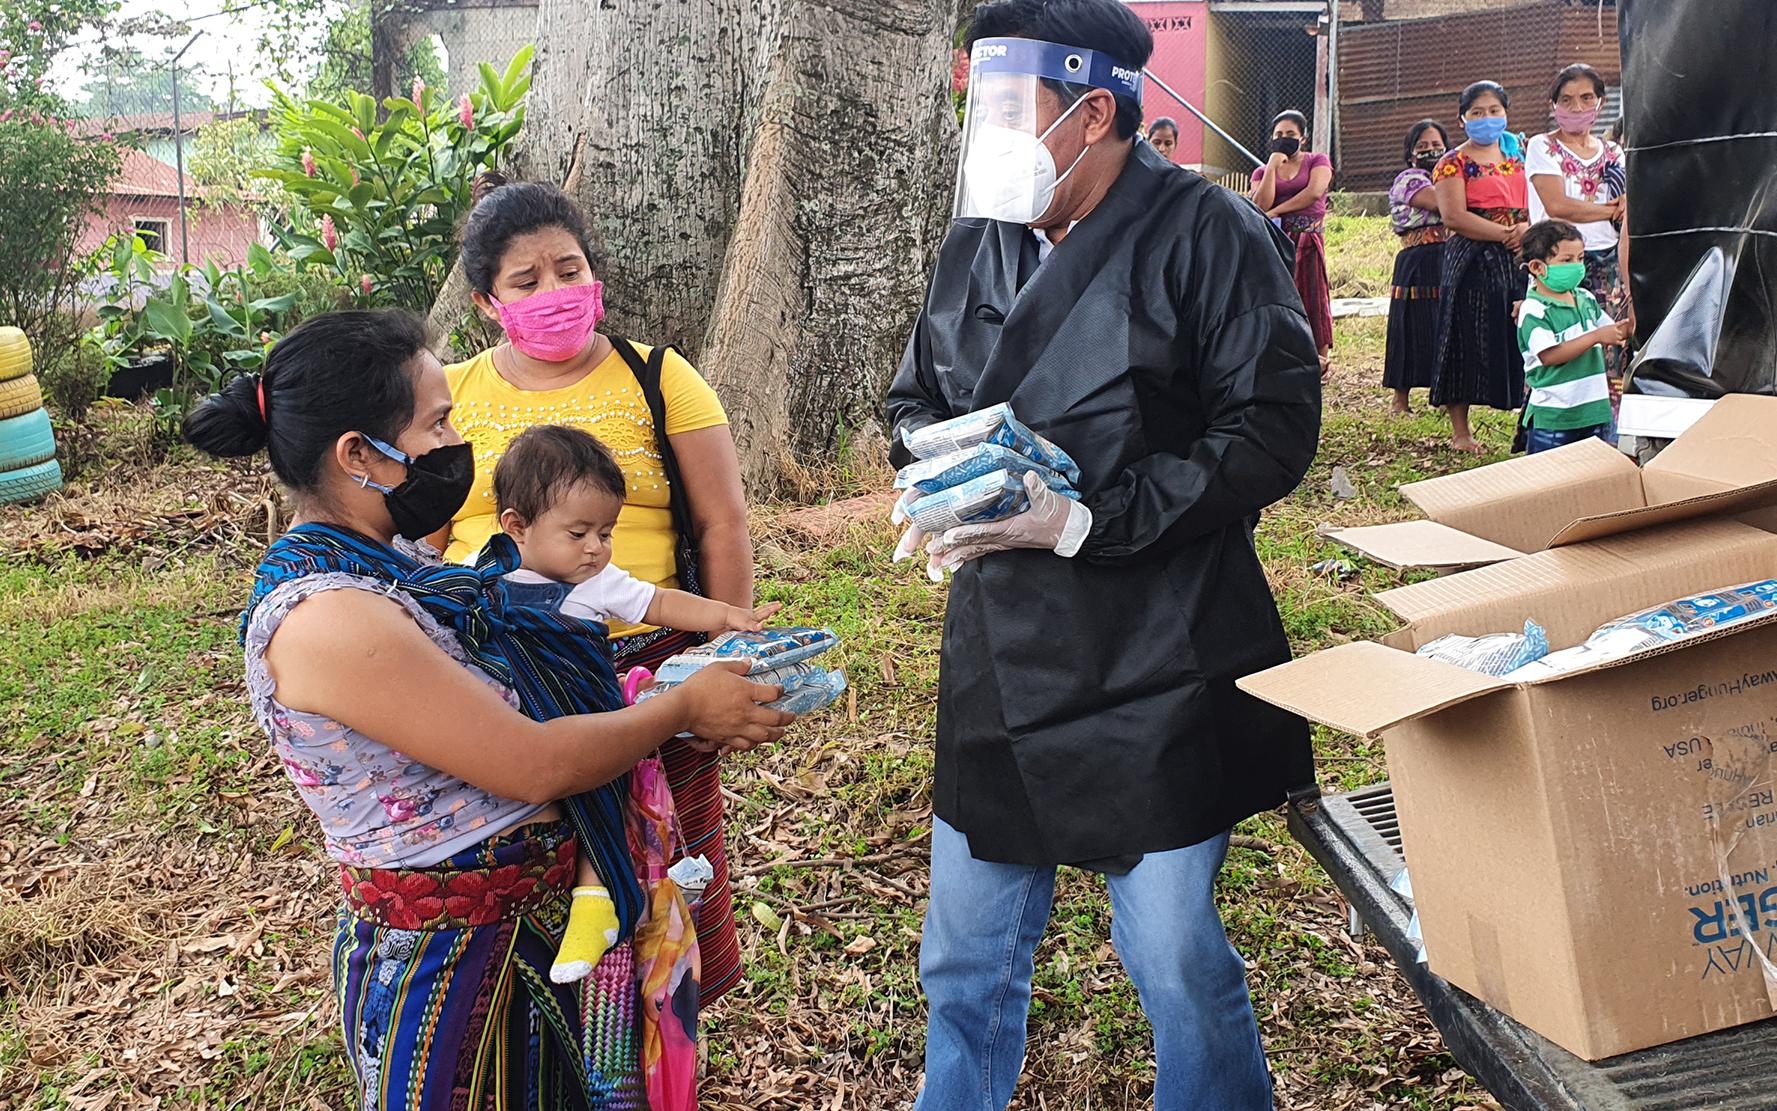 PAMI entrega bolsas de arroz fortificado a familias de aldeas de Santa Catarina Ixtahuacán, Sololá